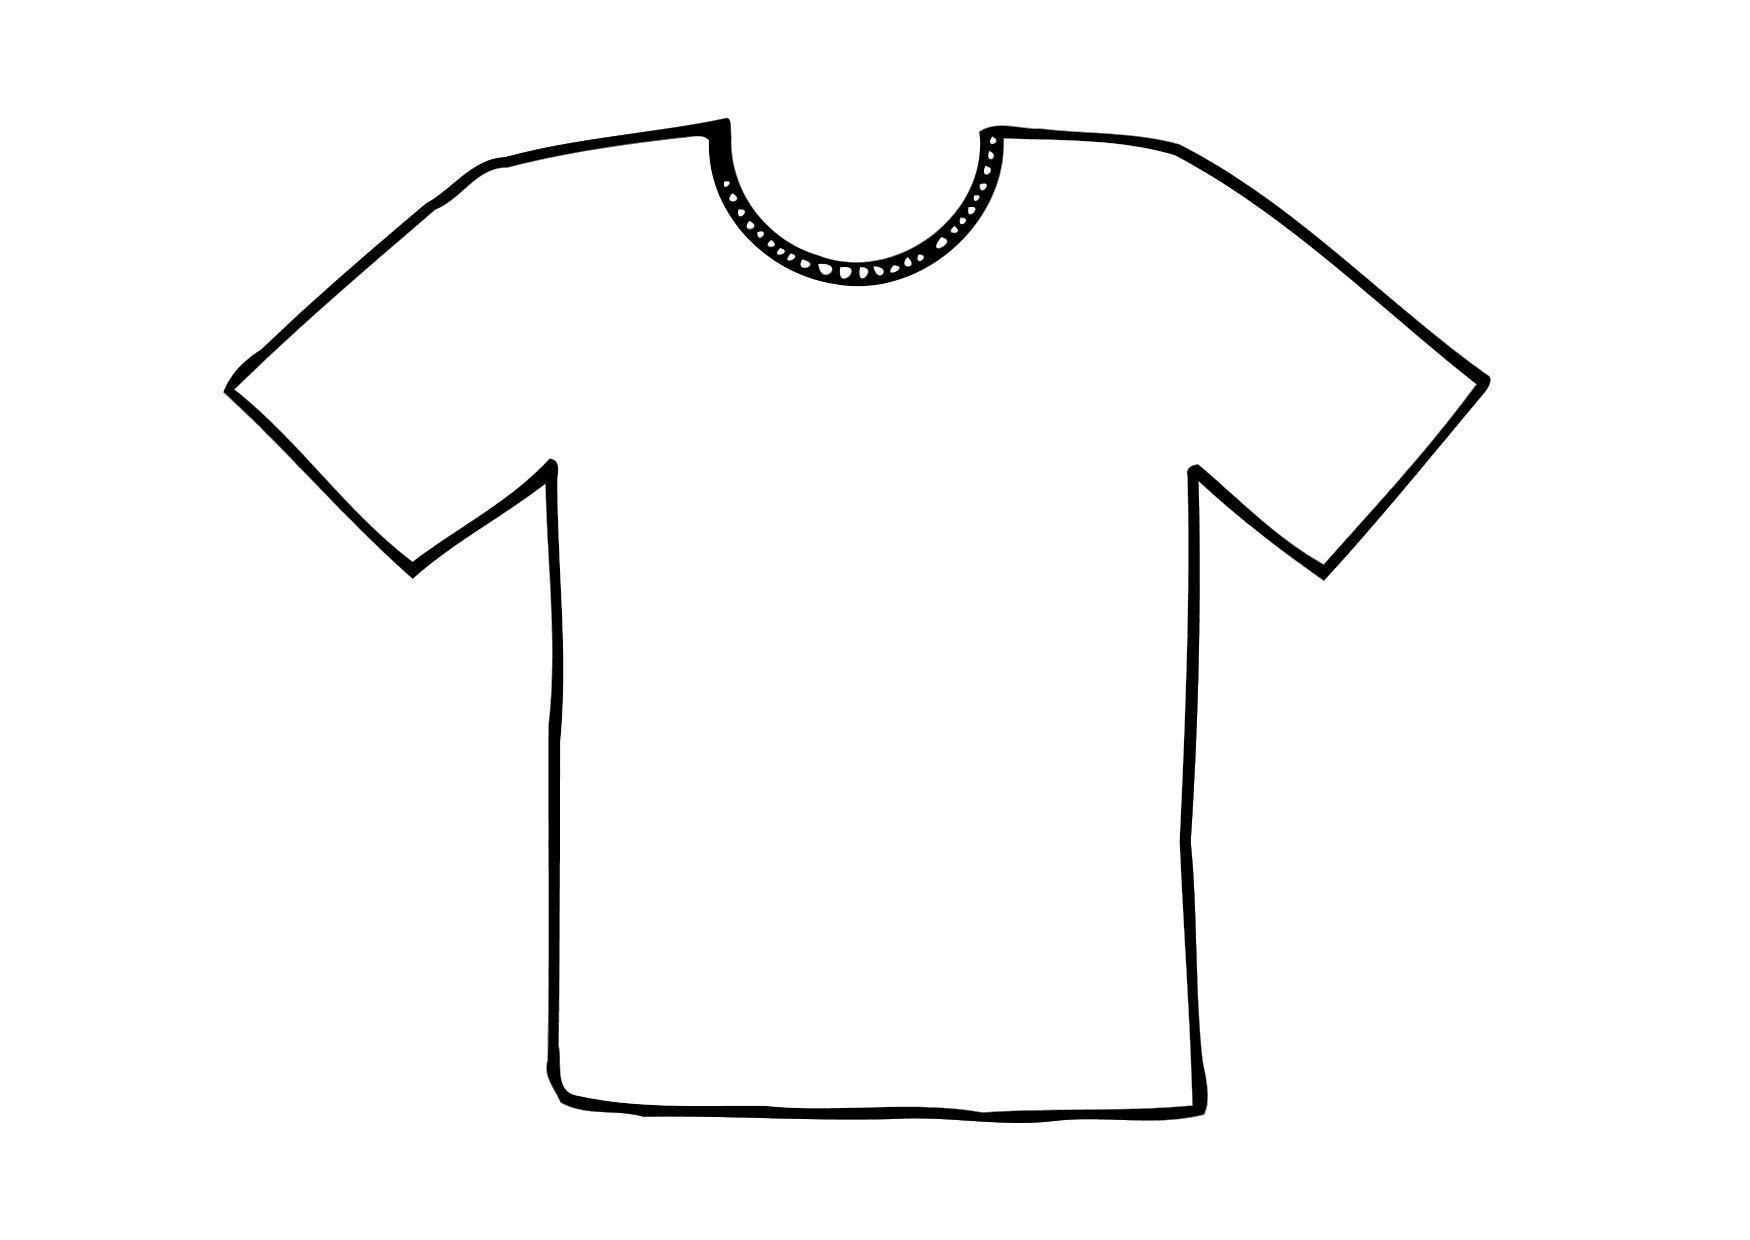 Malvorlage T-Shirt | Ausmalbild 12295.